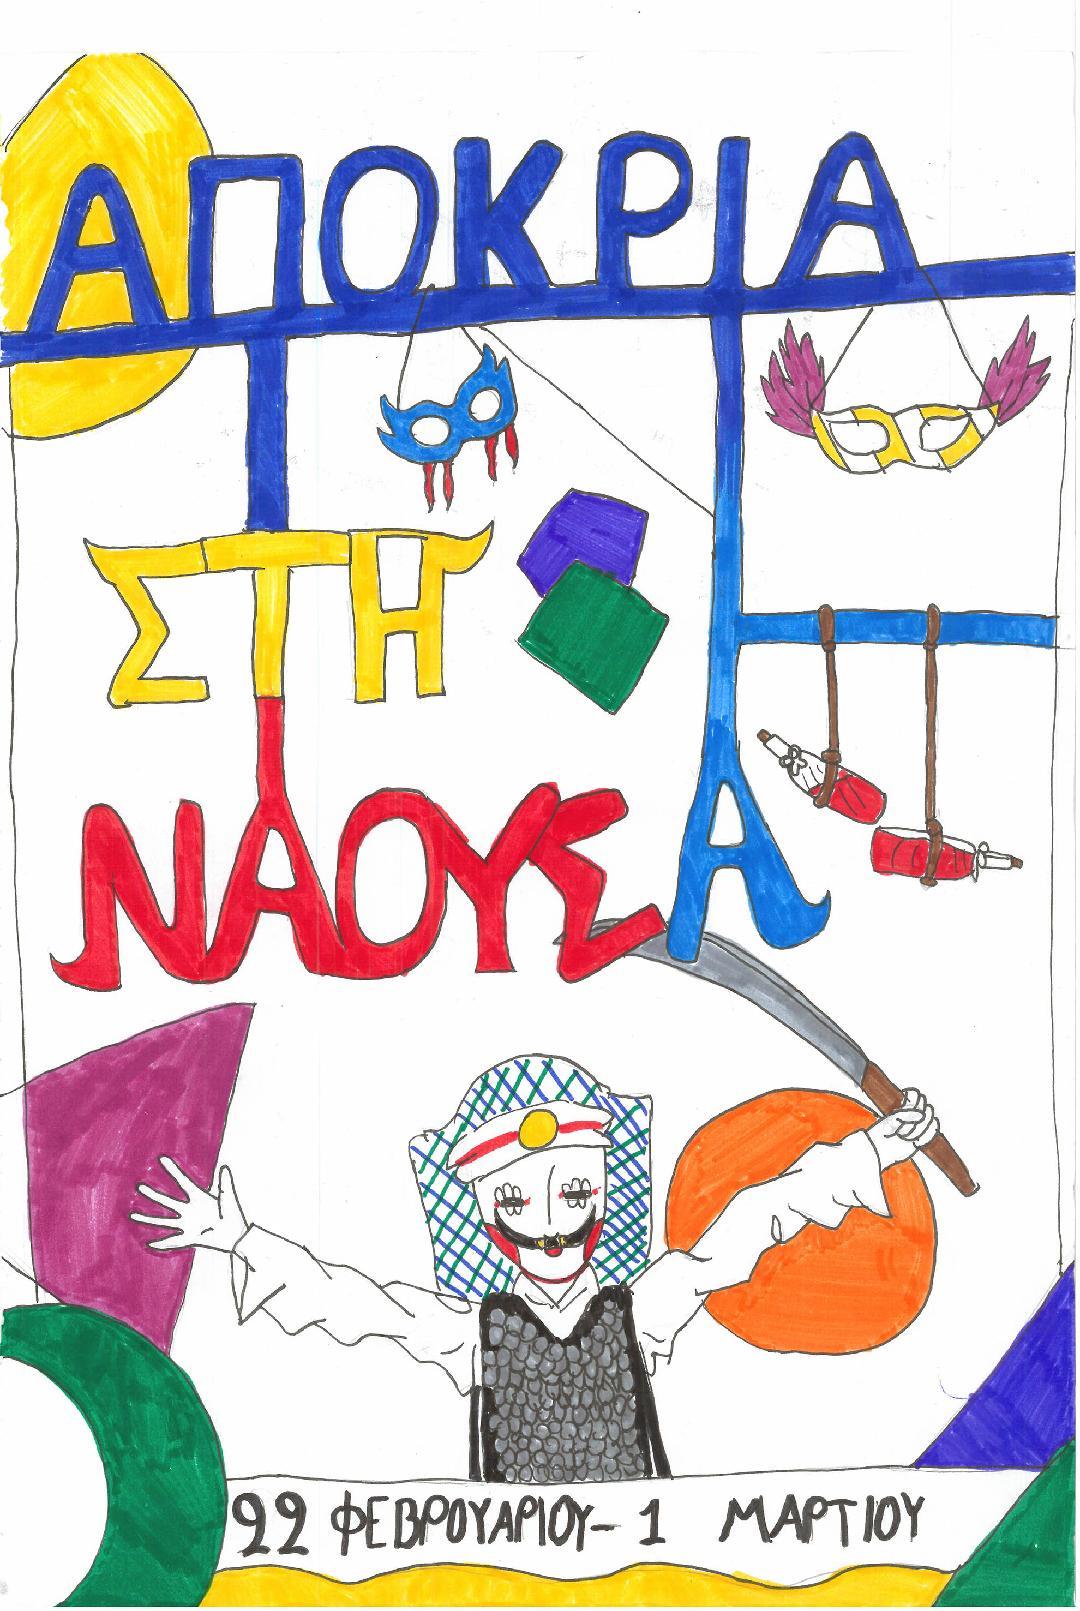 """Νάουσα:Αποτελέσματα μαθητικού διαγωνισμού με θέμα """"Γίνε νονός της Αποκριάς"""""""